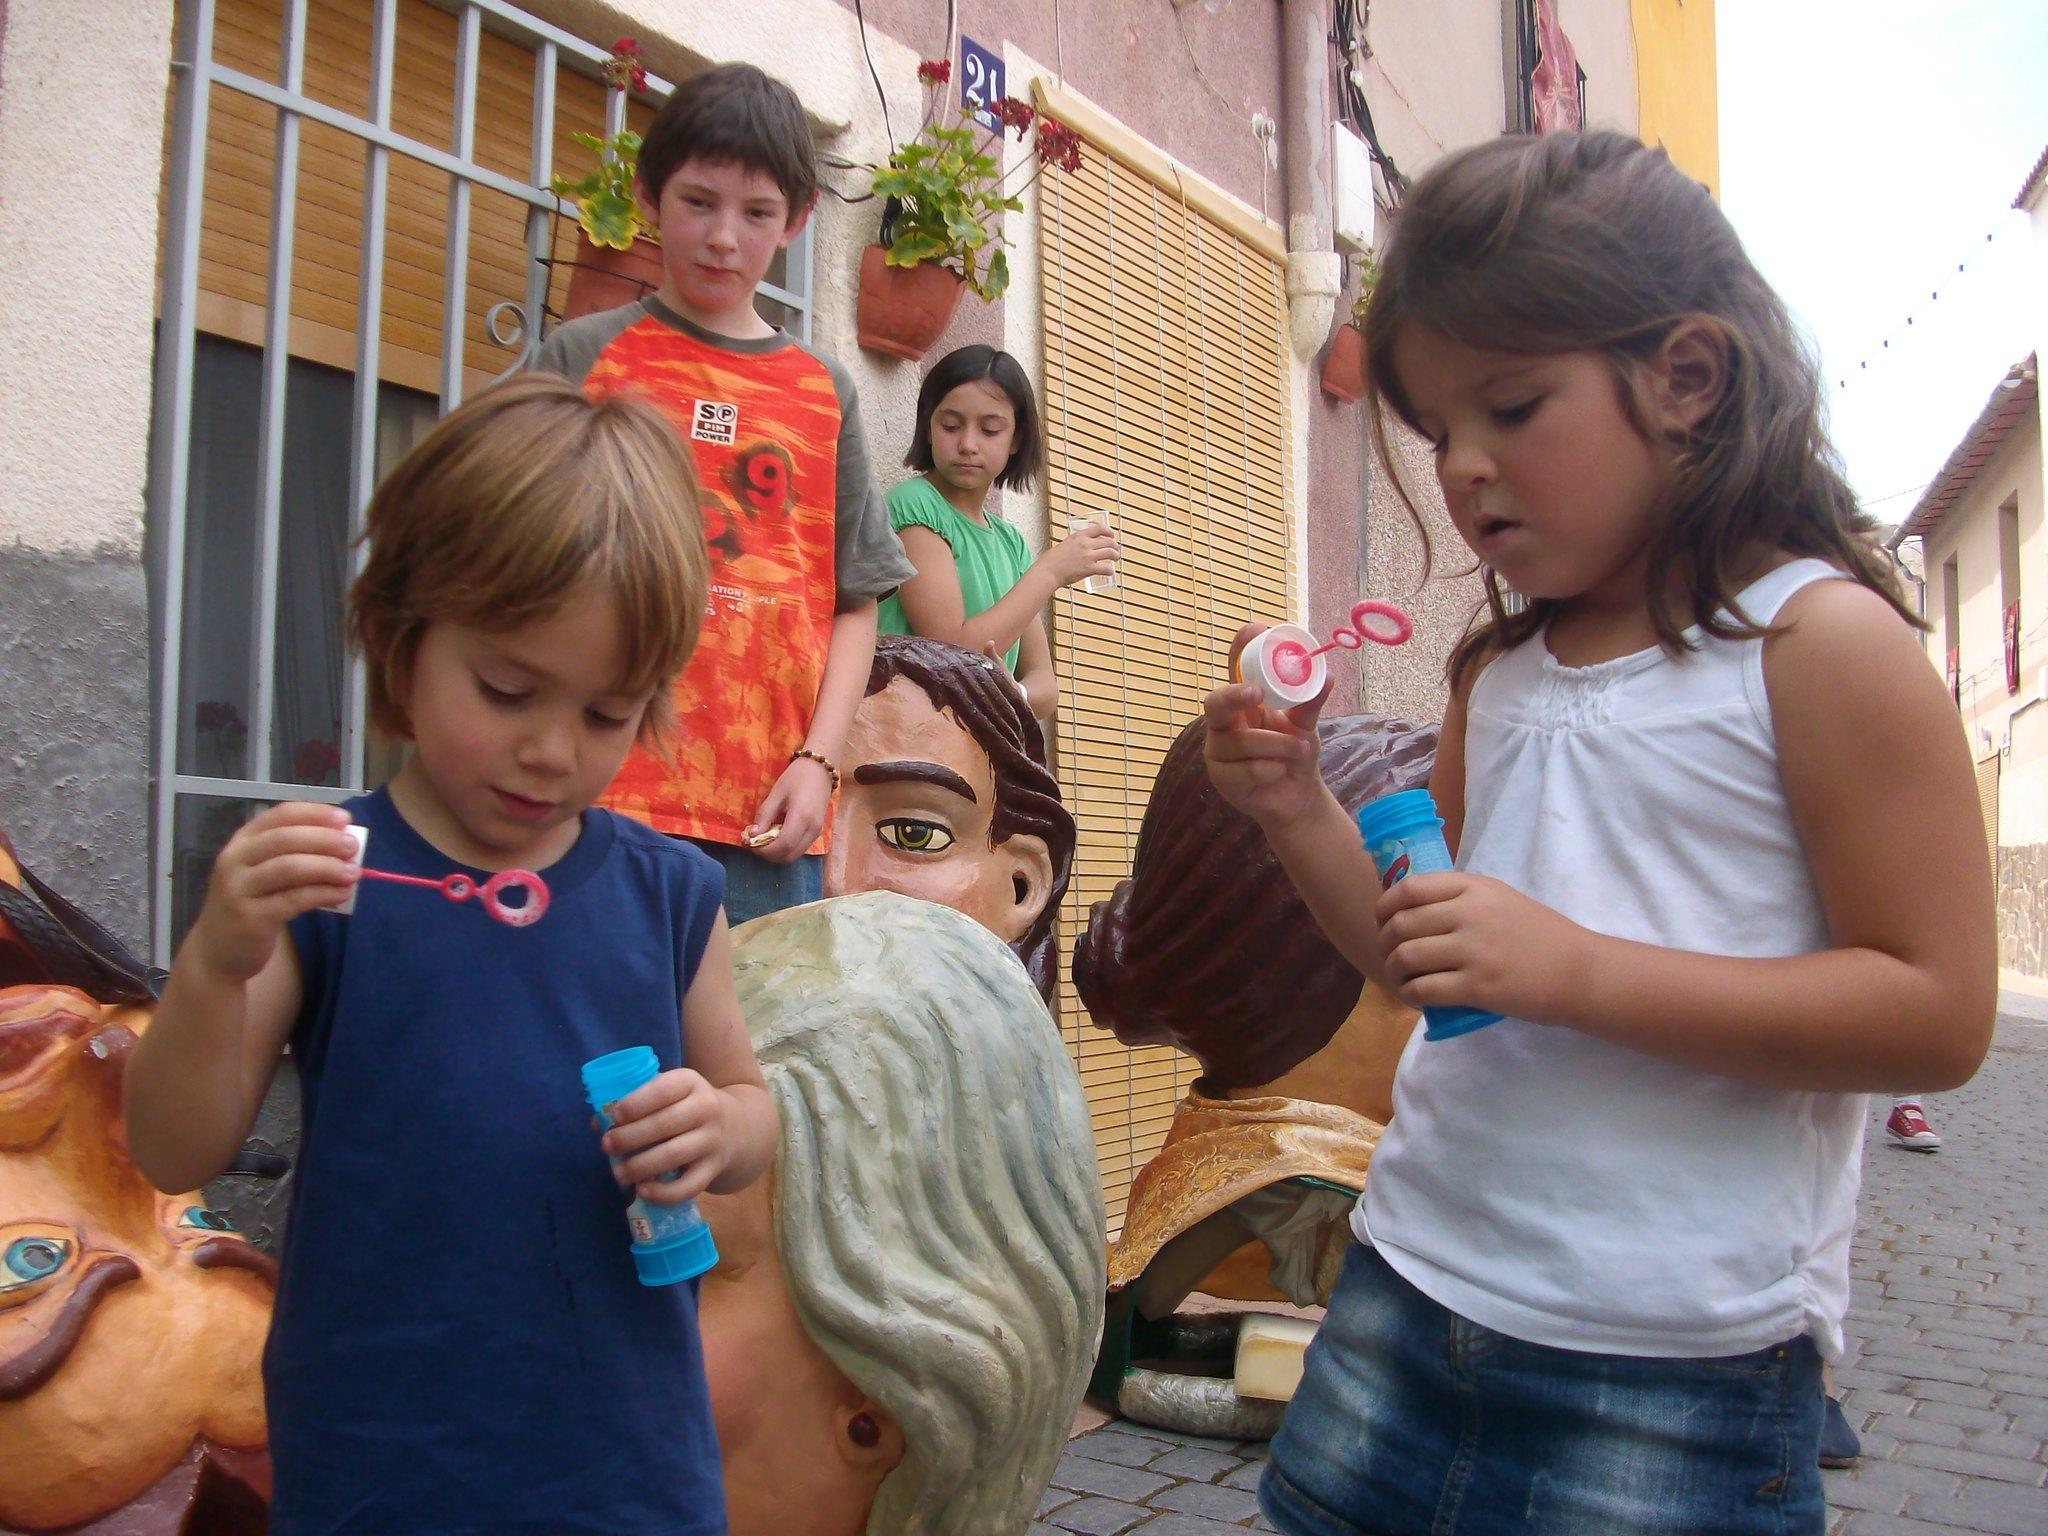 (2010-07-04) - Pasacalle Gent de Nanos - José Vicente Romero Ripoll -  (33)